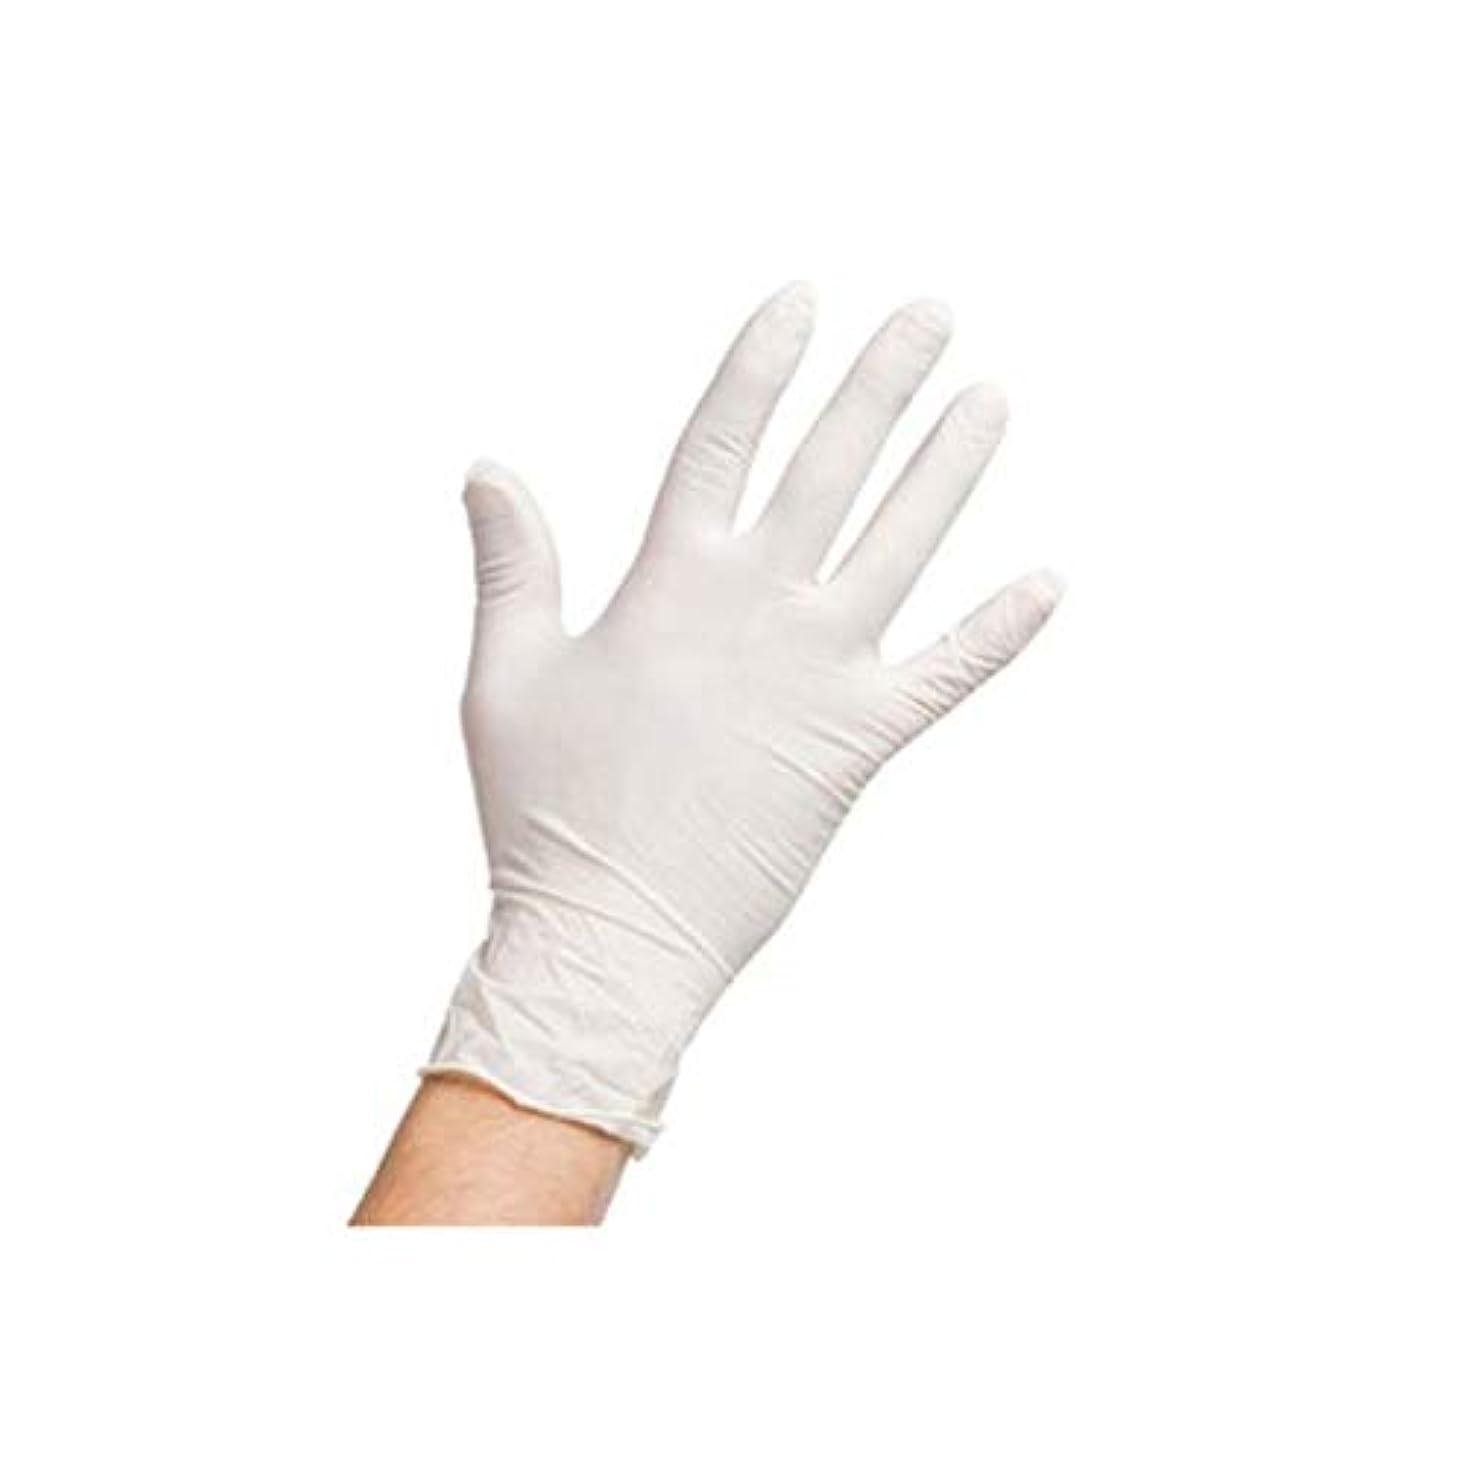 慣性難しいアルカイック(A1ラテックス) 最高品質のLatex手袋 ニトリル手袋 パウダーフリー 無粉末 200枚(6g Latex、4g Nitrile)【海外配送商品】【並行輸入品】 (S)